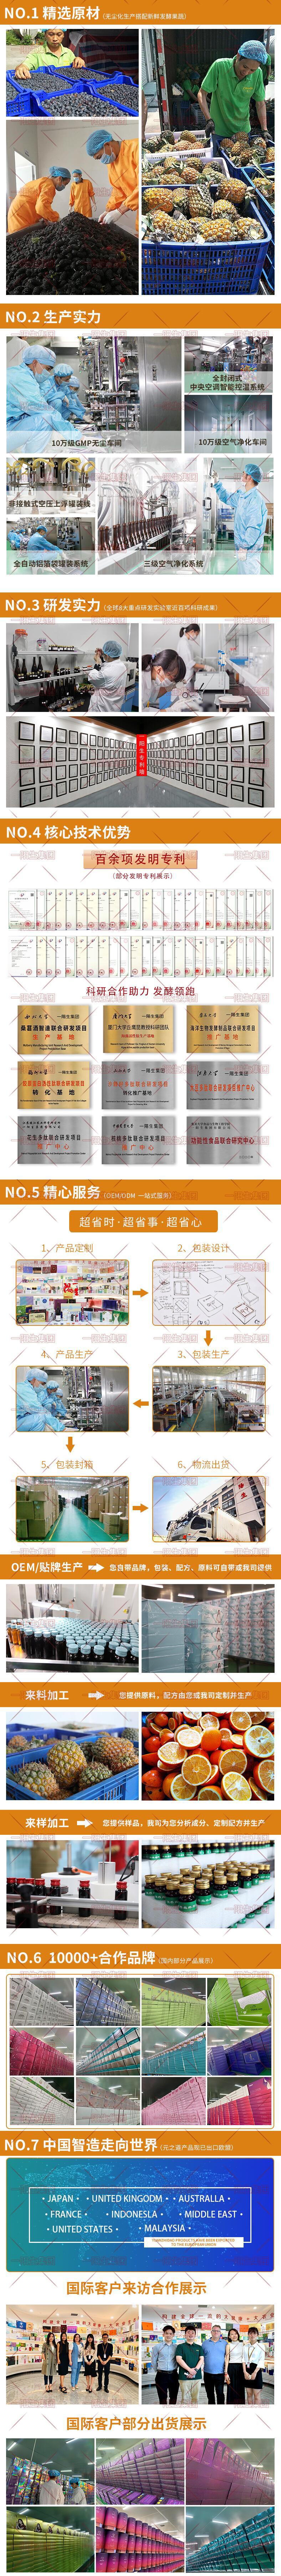 精选原料+工厂实力+技术优势+服务模式+加工流程+案例展示